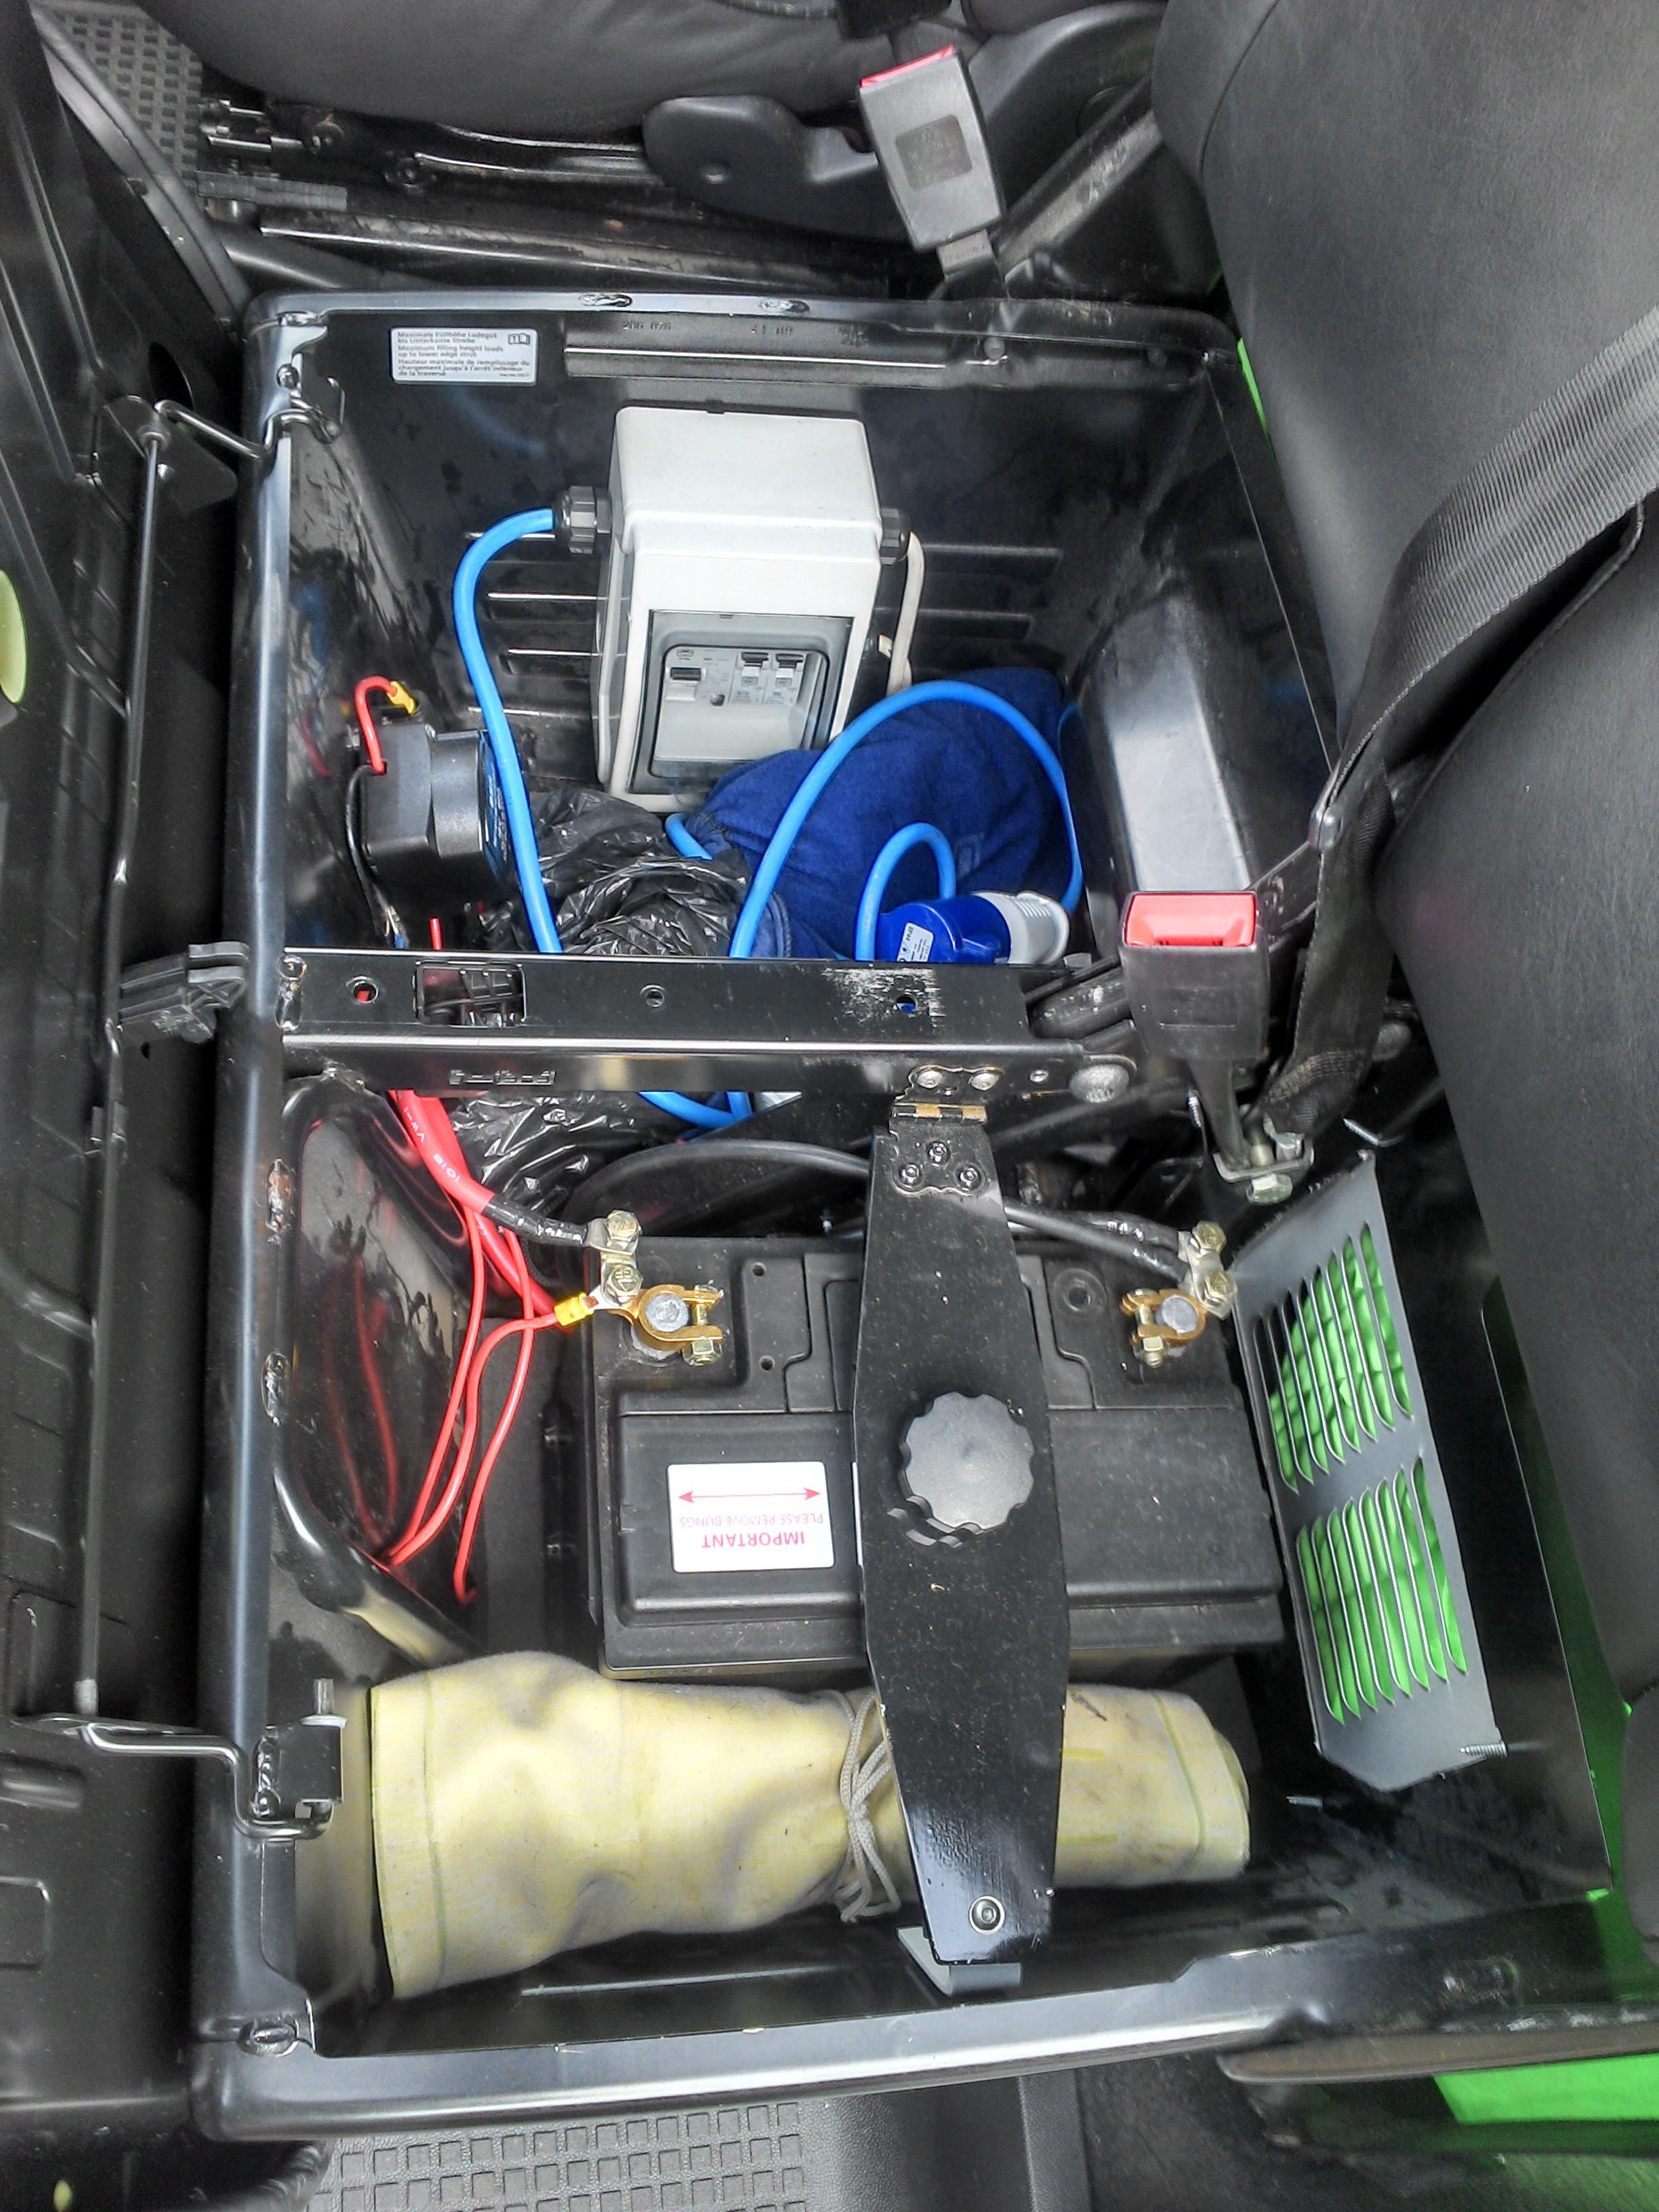 split charge and battery under passenger seat vw t4. Black Bedroom Furniture Sets. Home Design Ideas